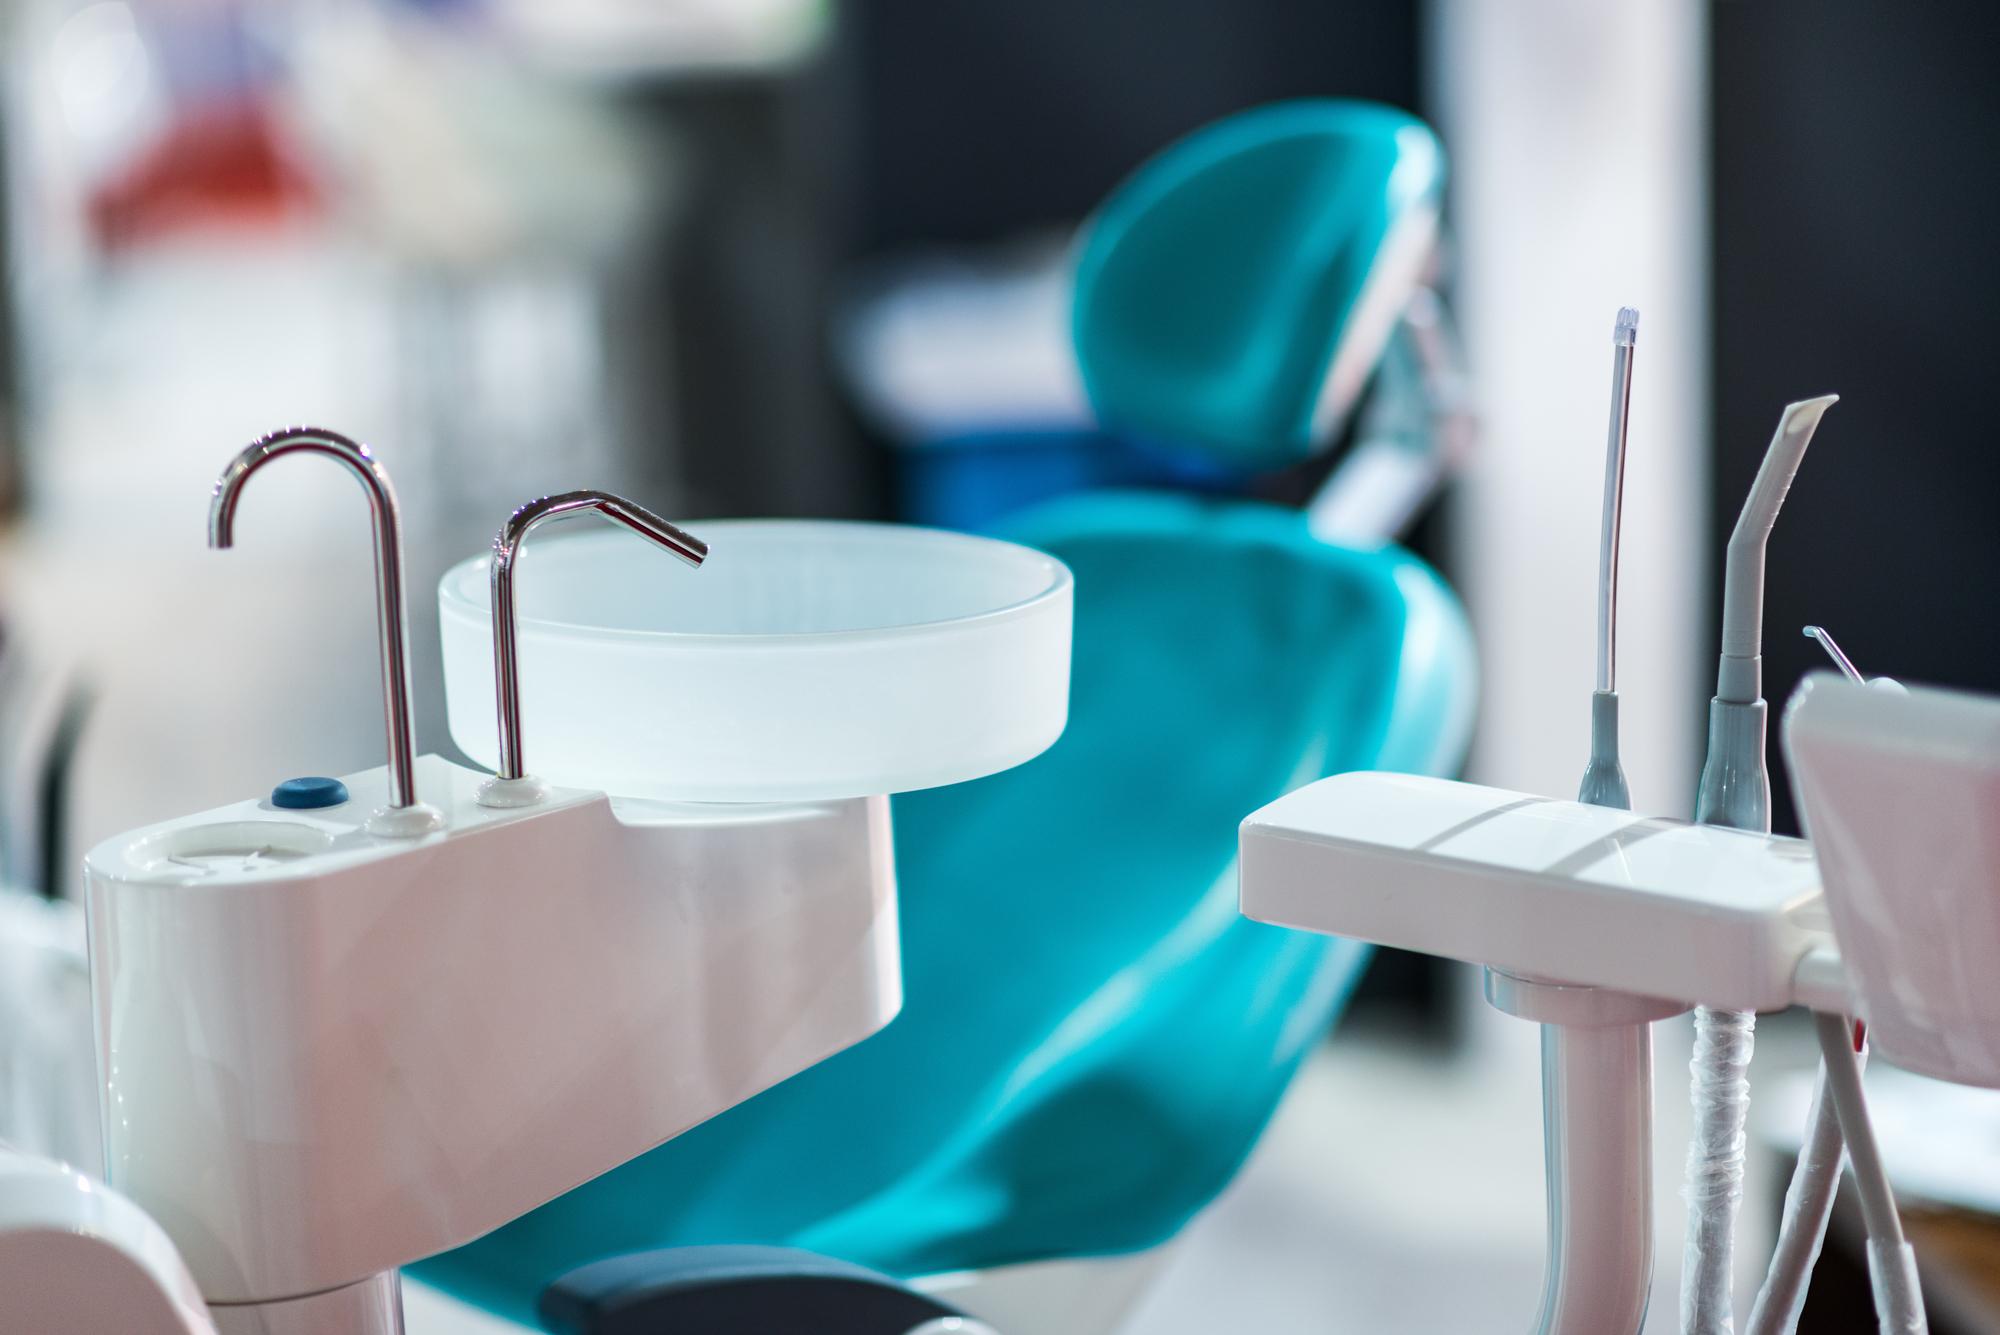 Where do I go for west palm beach orthodontics?